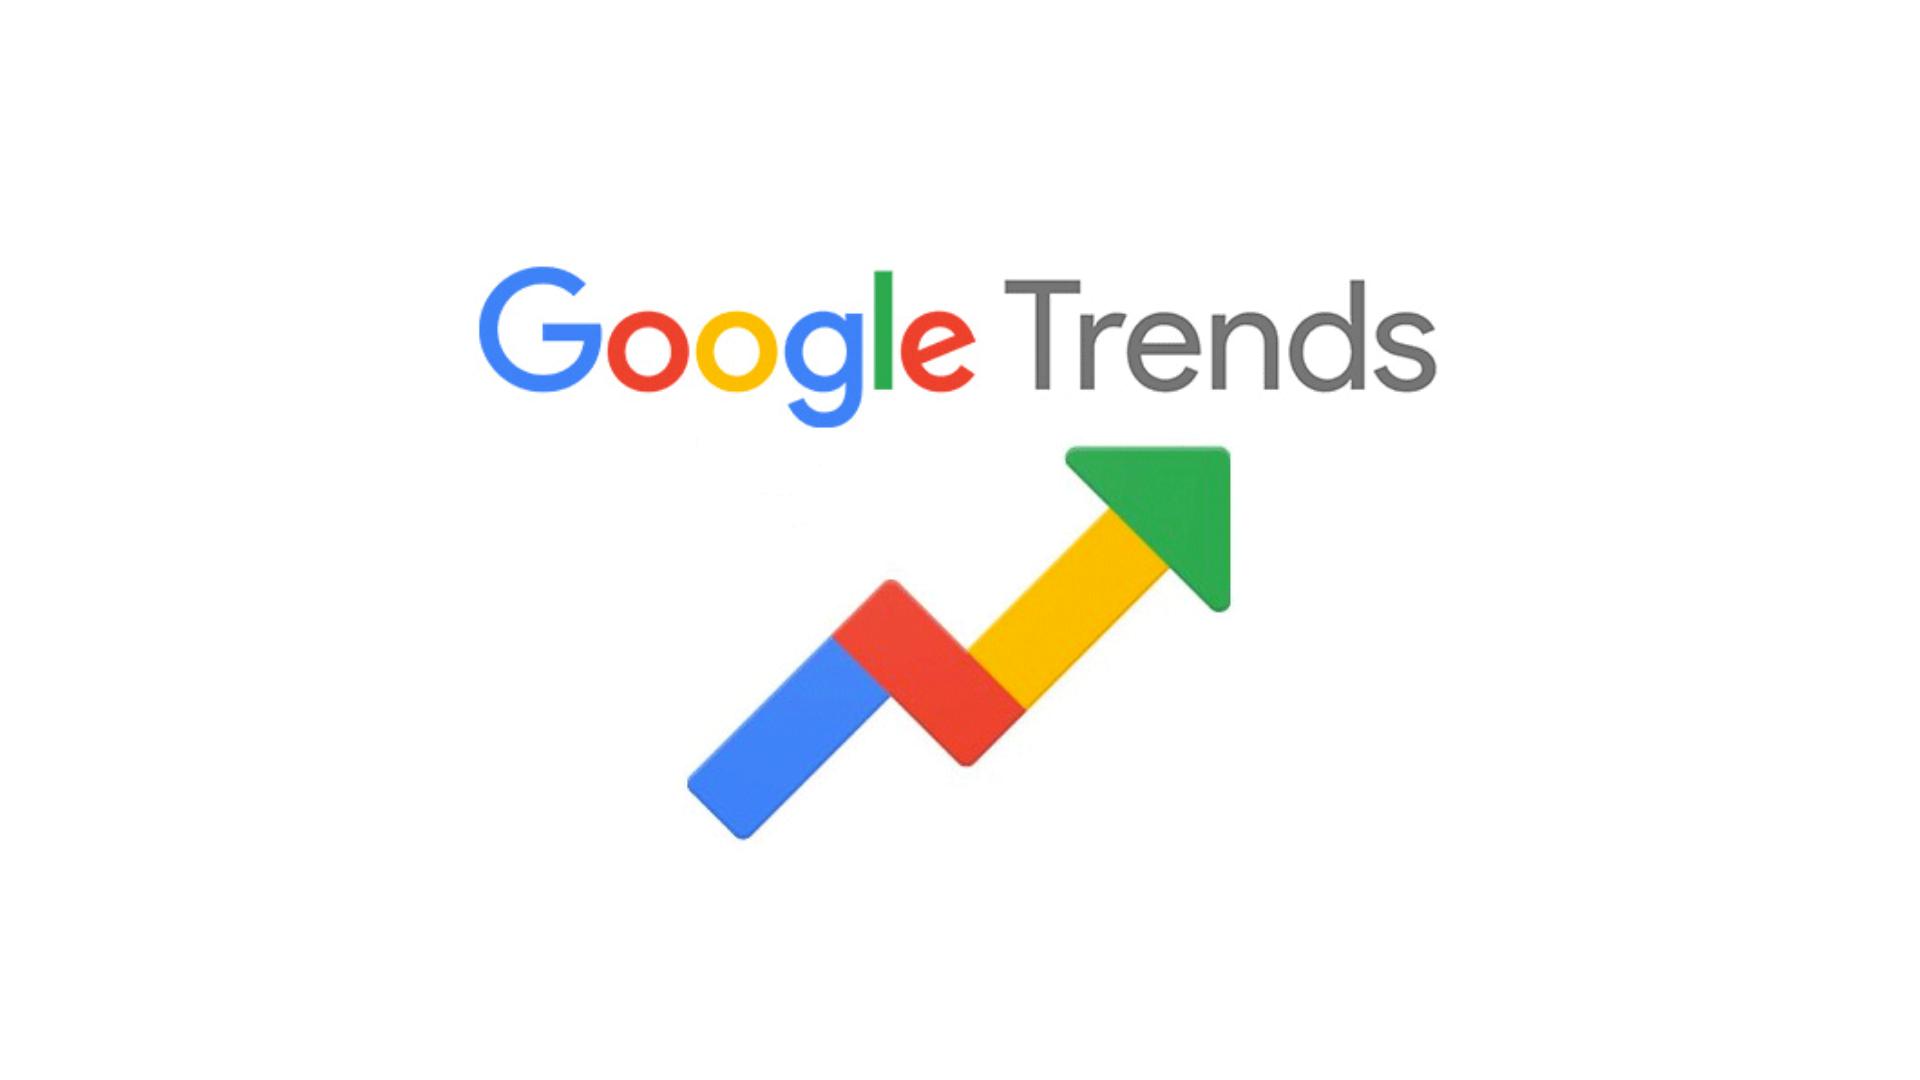 آموزش گوگل ترندز برای بهبود برنامه بازاریابی محتوا در۲۰۲۱